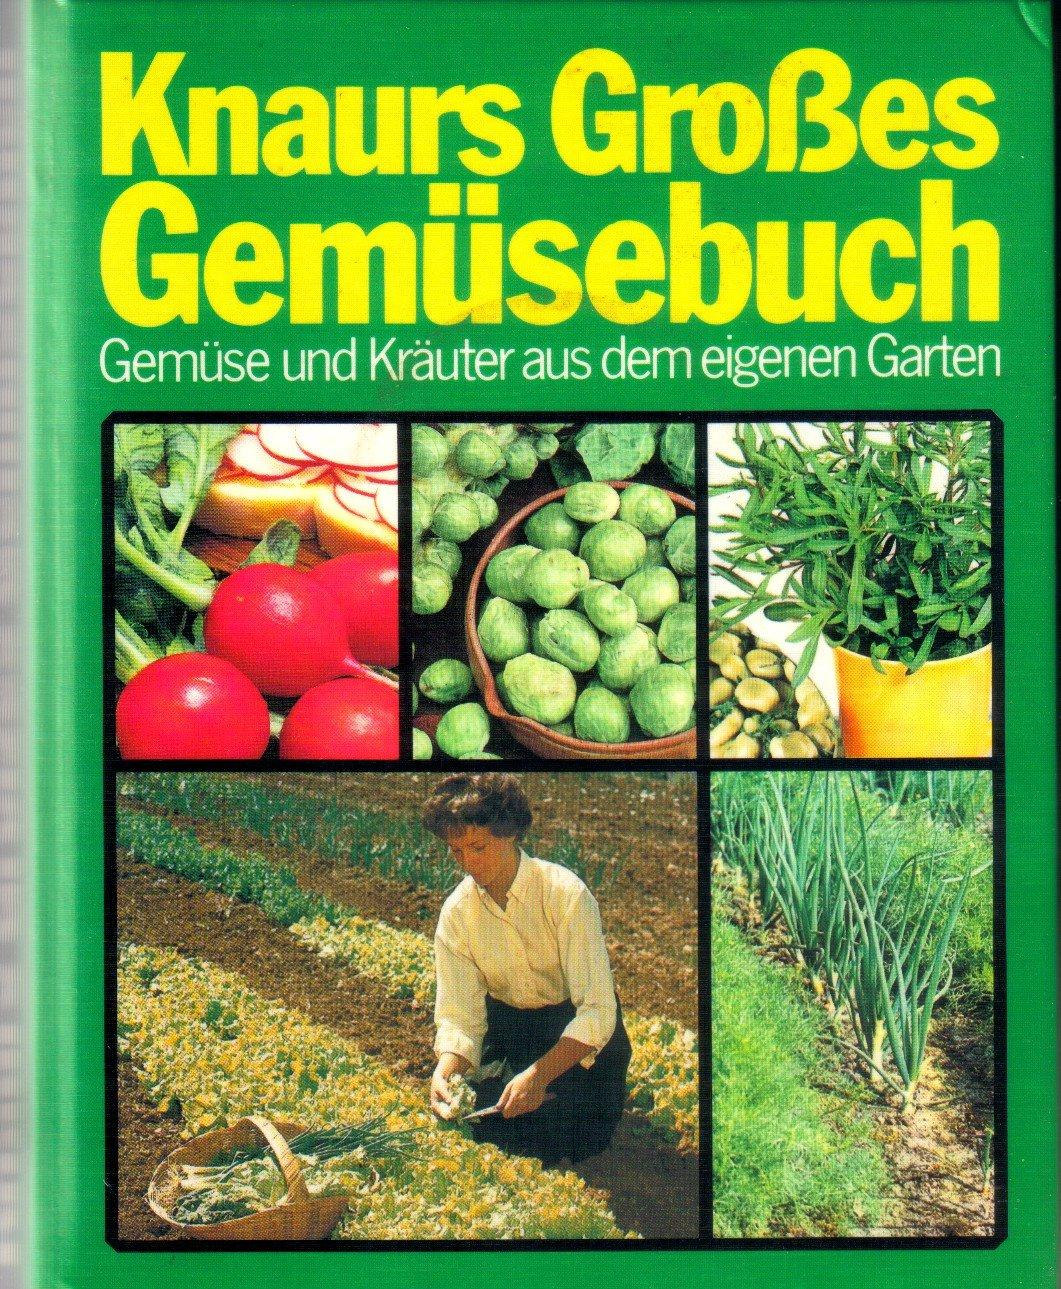 Knaurs Grosses Gemüsebuch. Gemüse Und Kräuter Aus Dem Eigenen Garten.